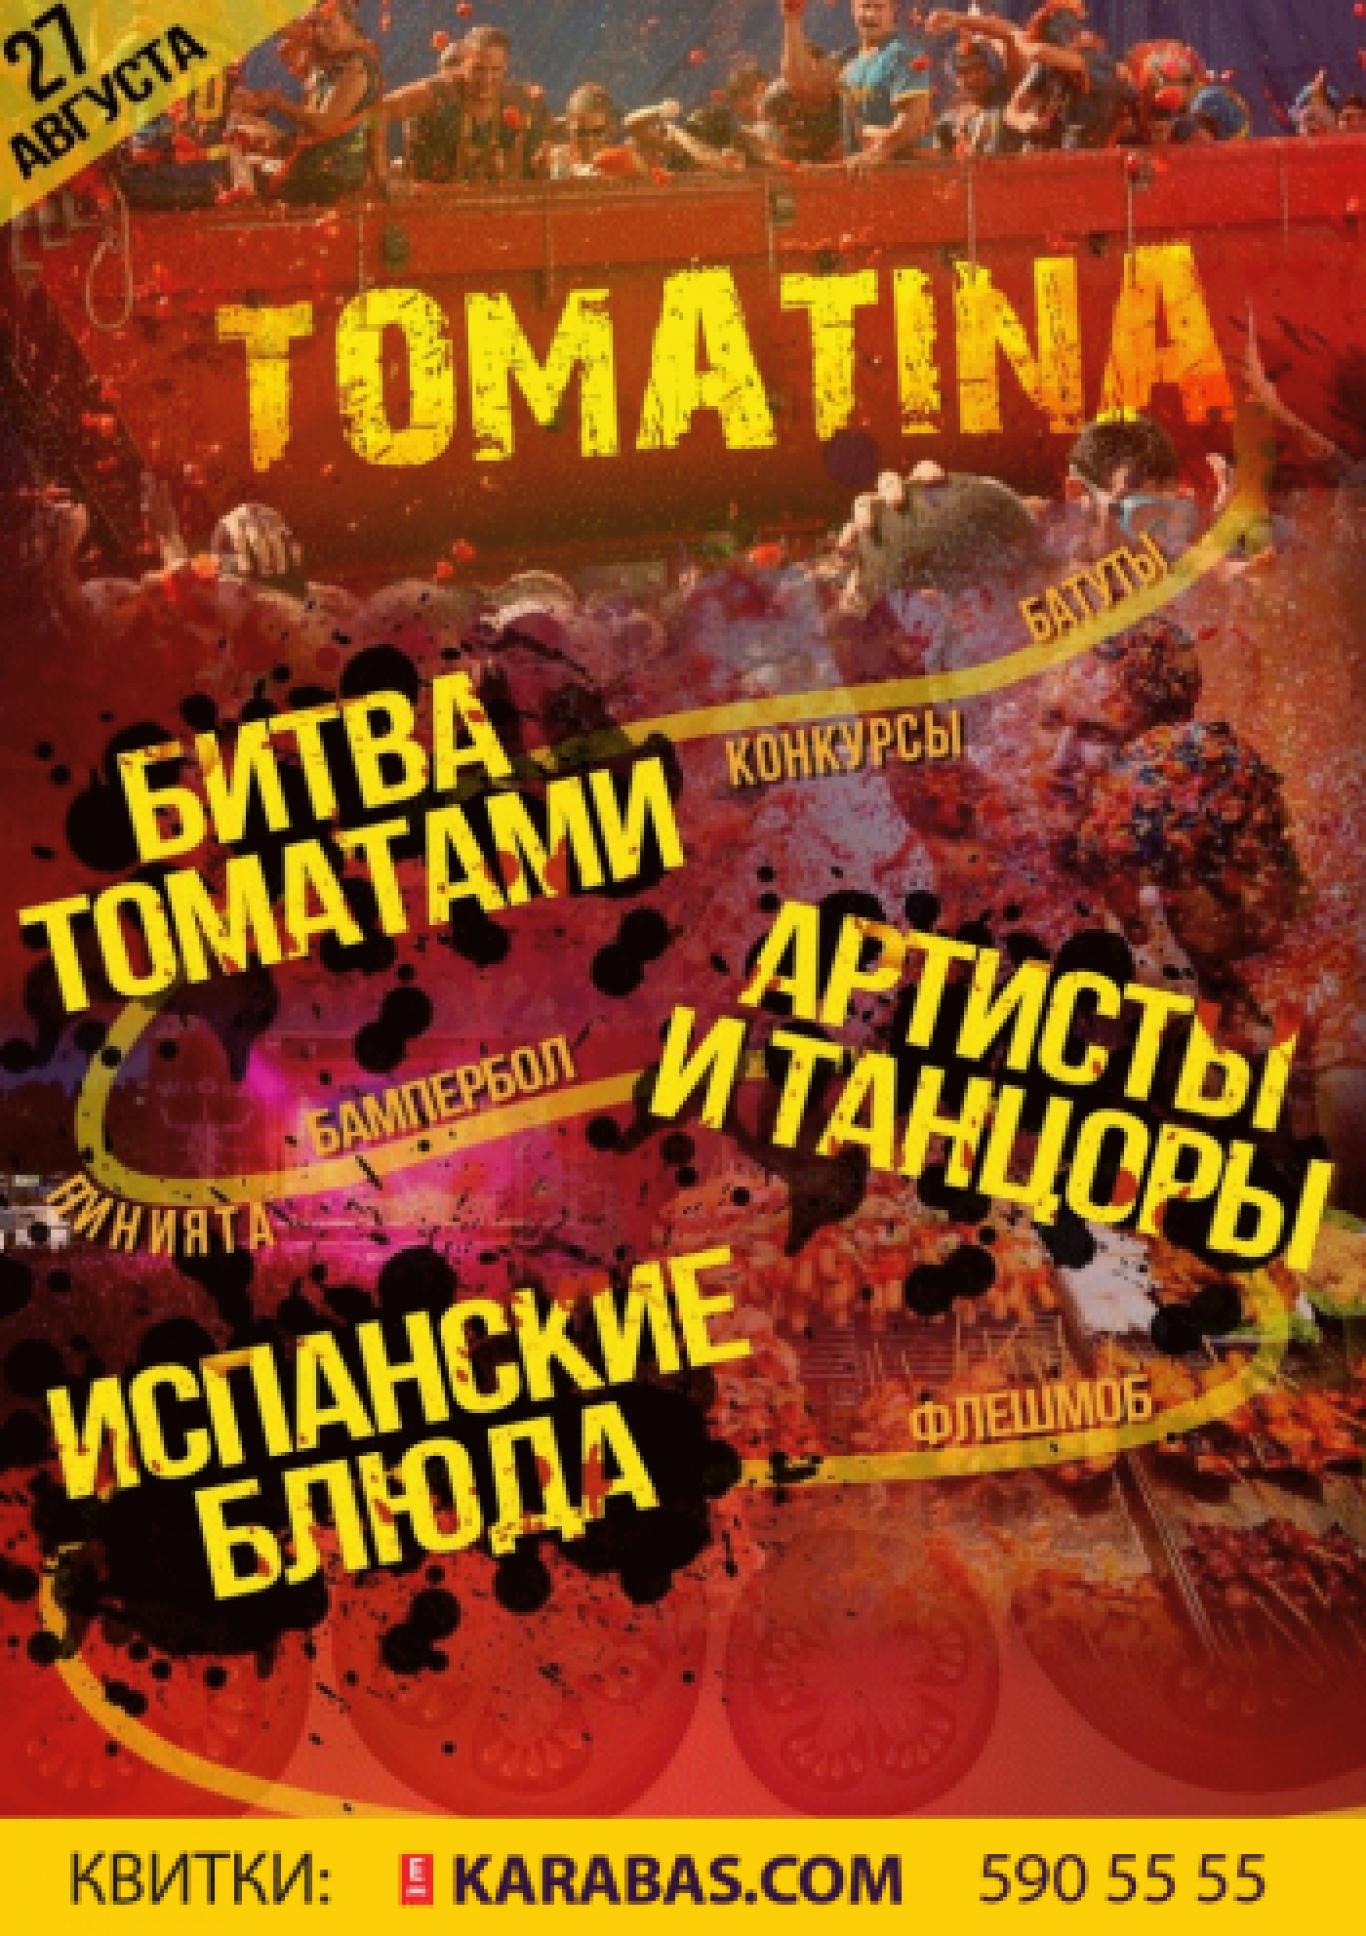 """Фестиваль """"Томатіна"""": кияни влаштують битву помідорами"""